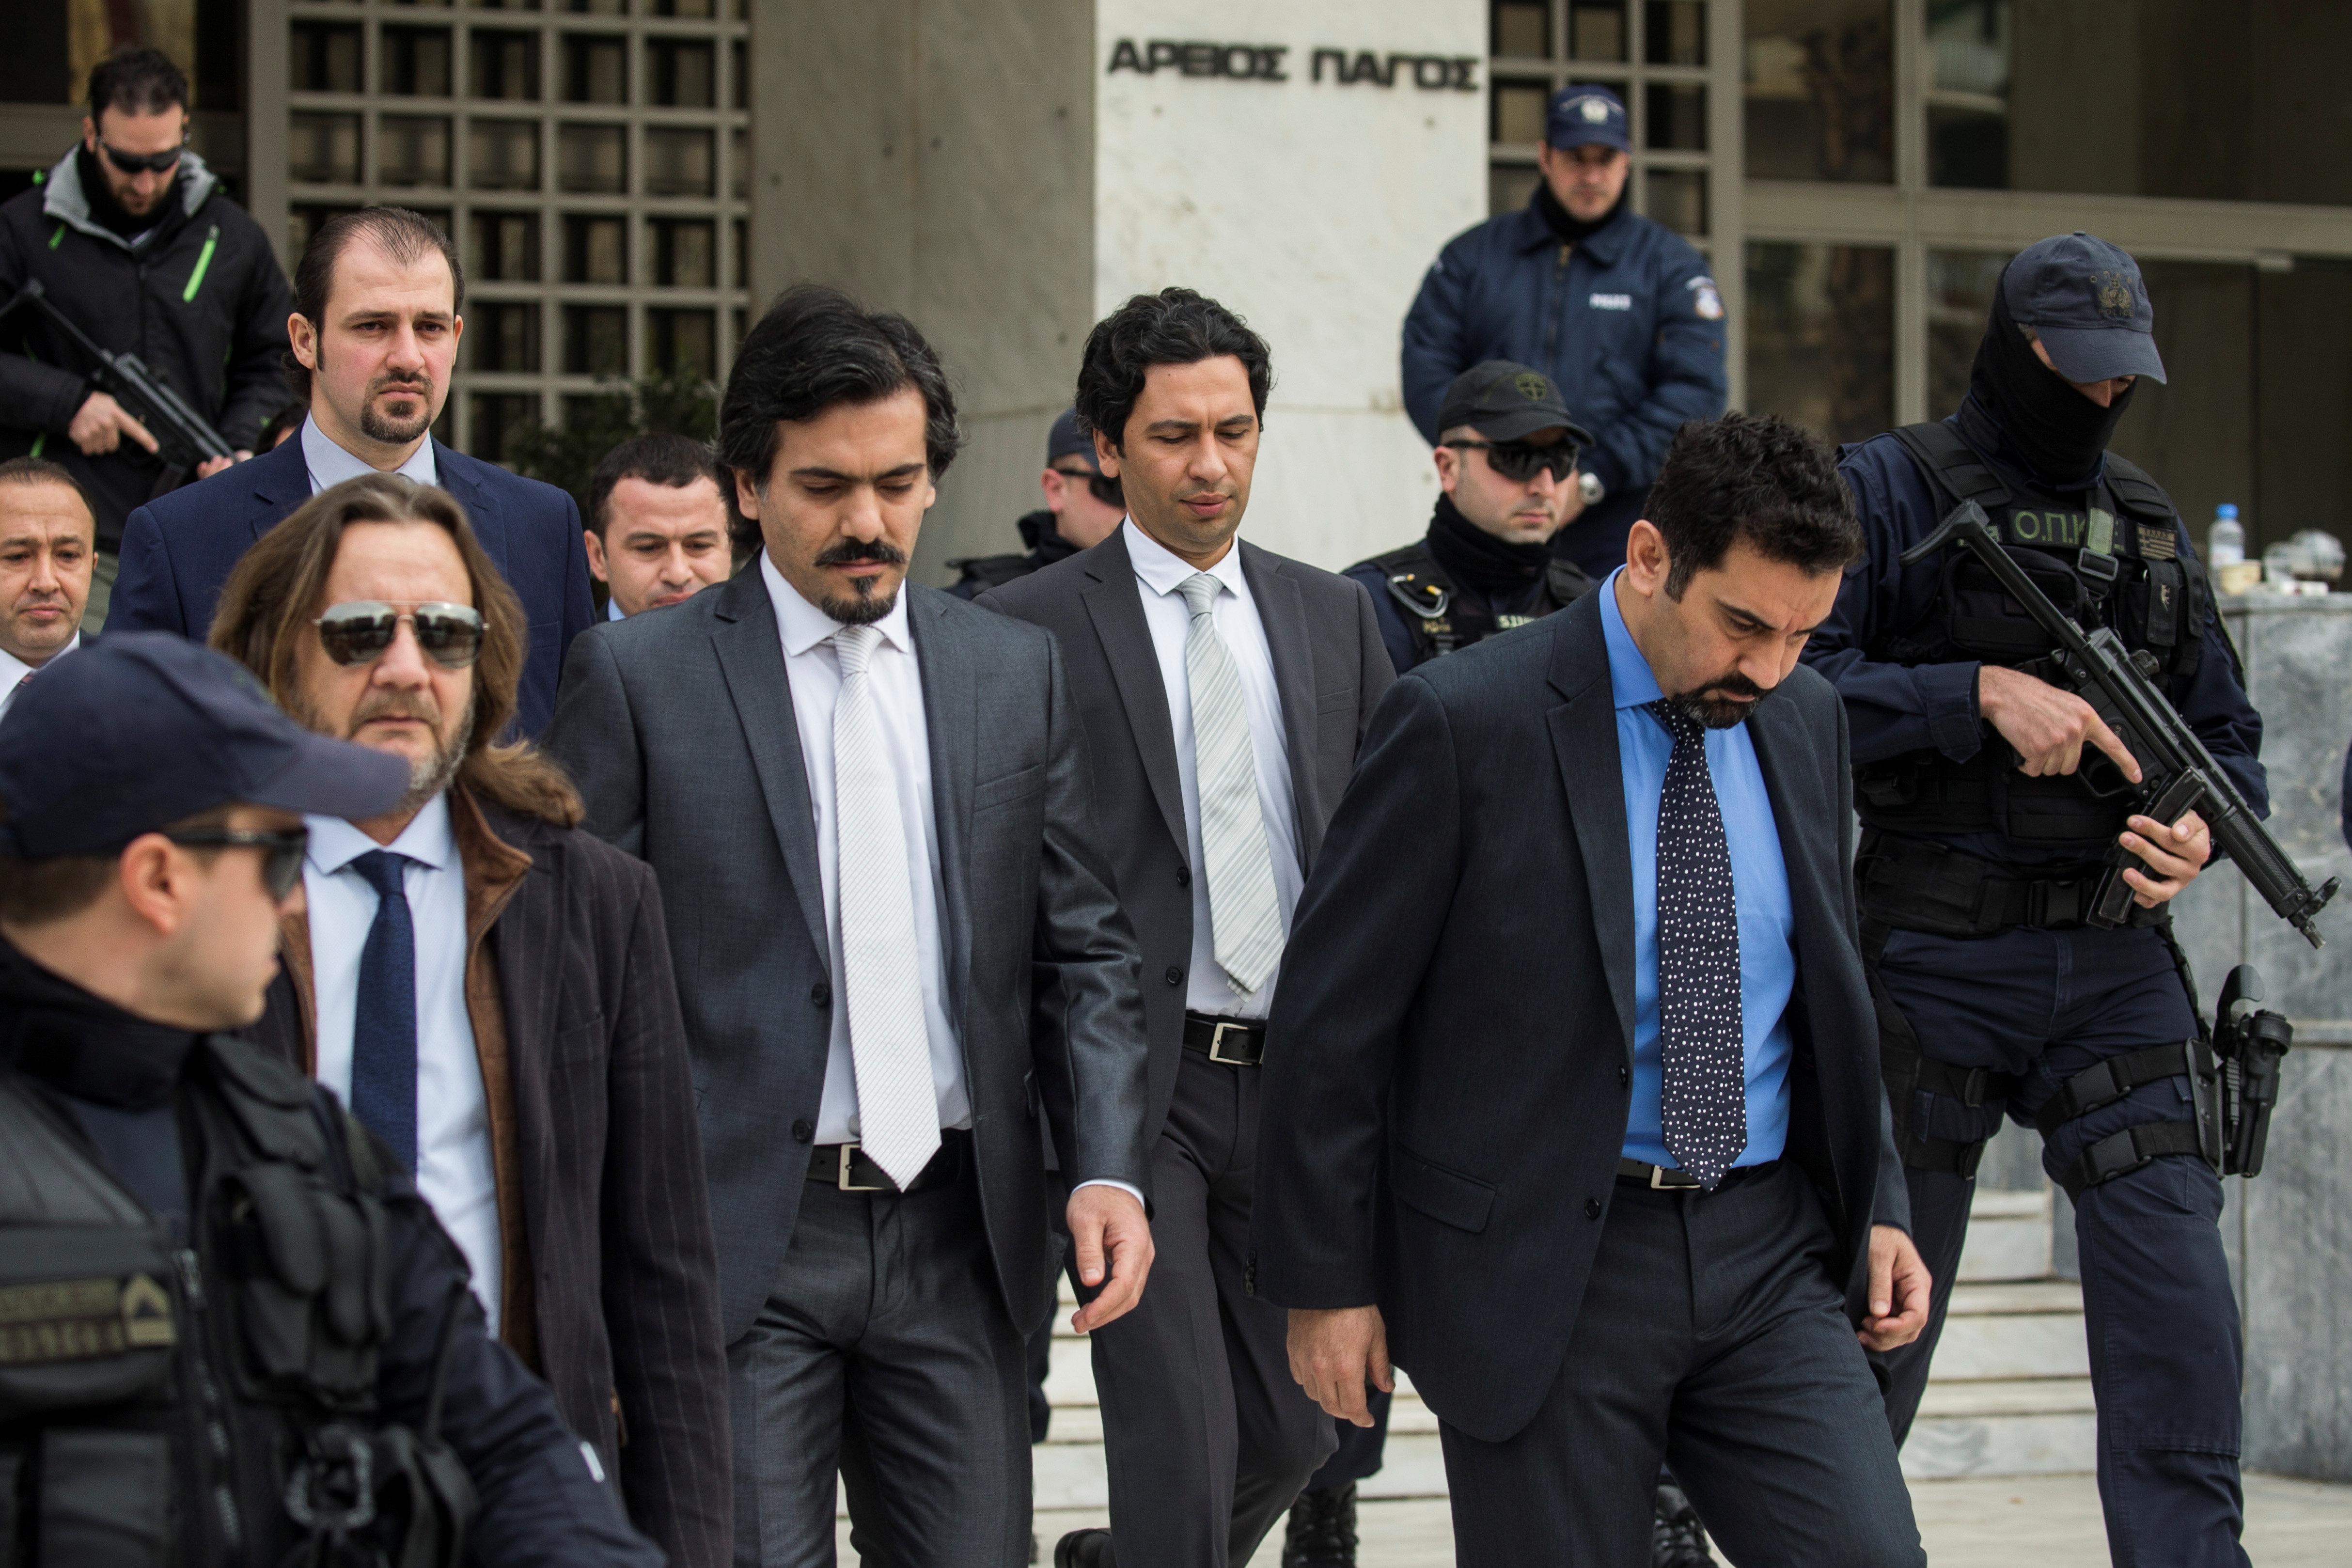 Η απόφαση του ΣτΕ είναι απόδειξη πως η Ελλάδα προστατεύει τους πραξικοπηματίες, λέει το τουρκικό